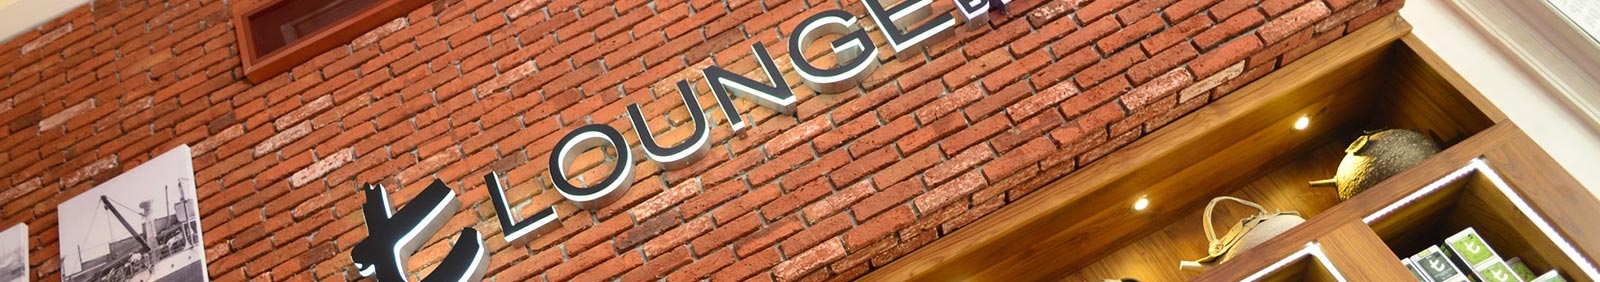 Open T-lounge